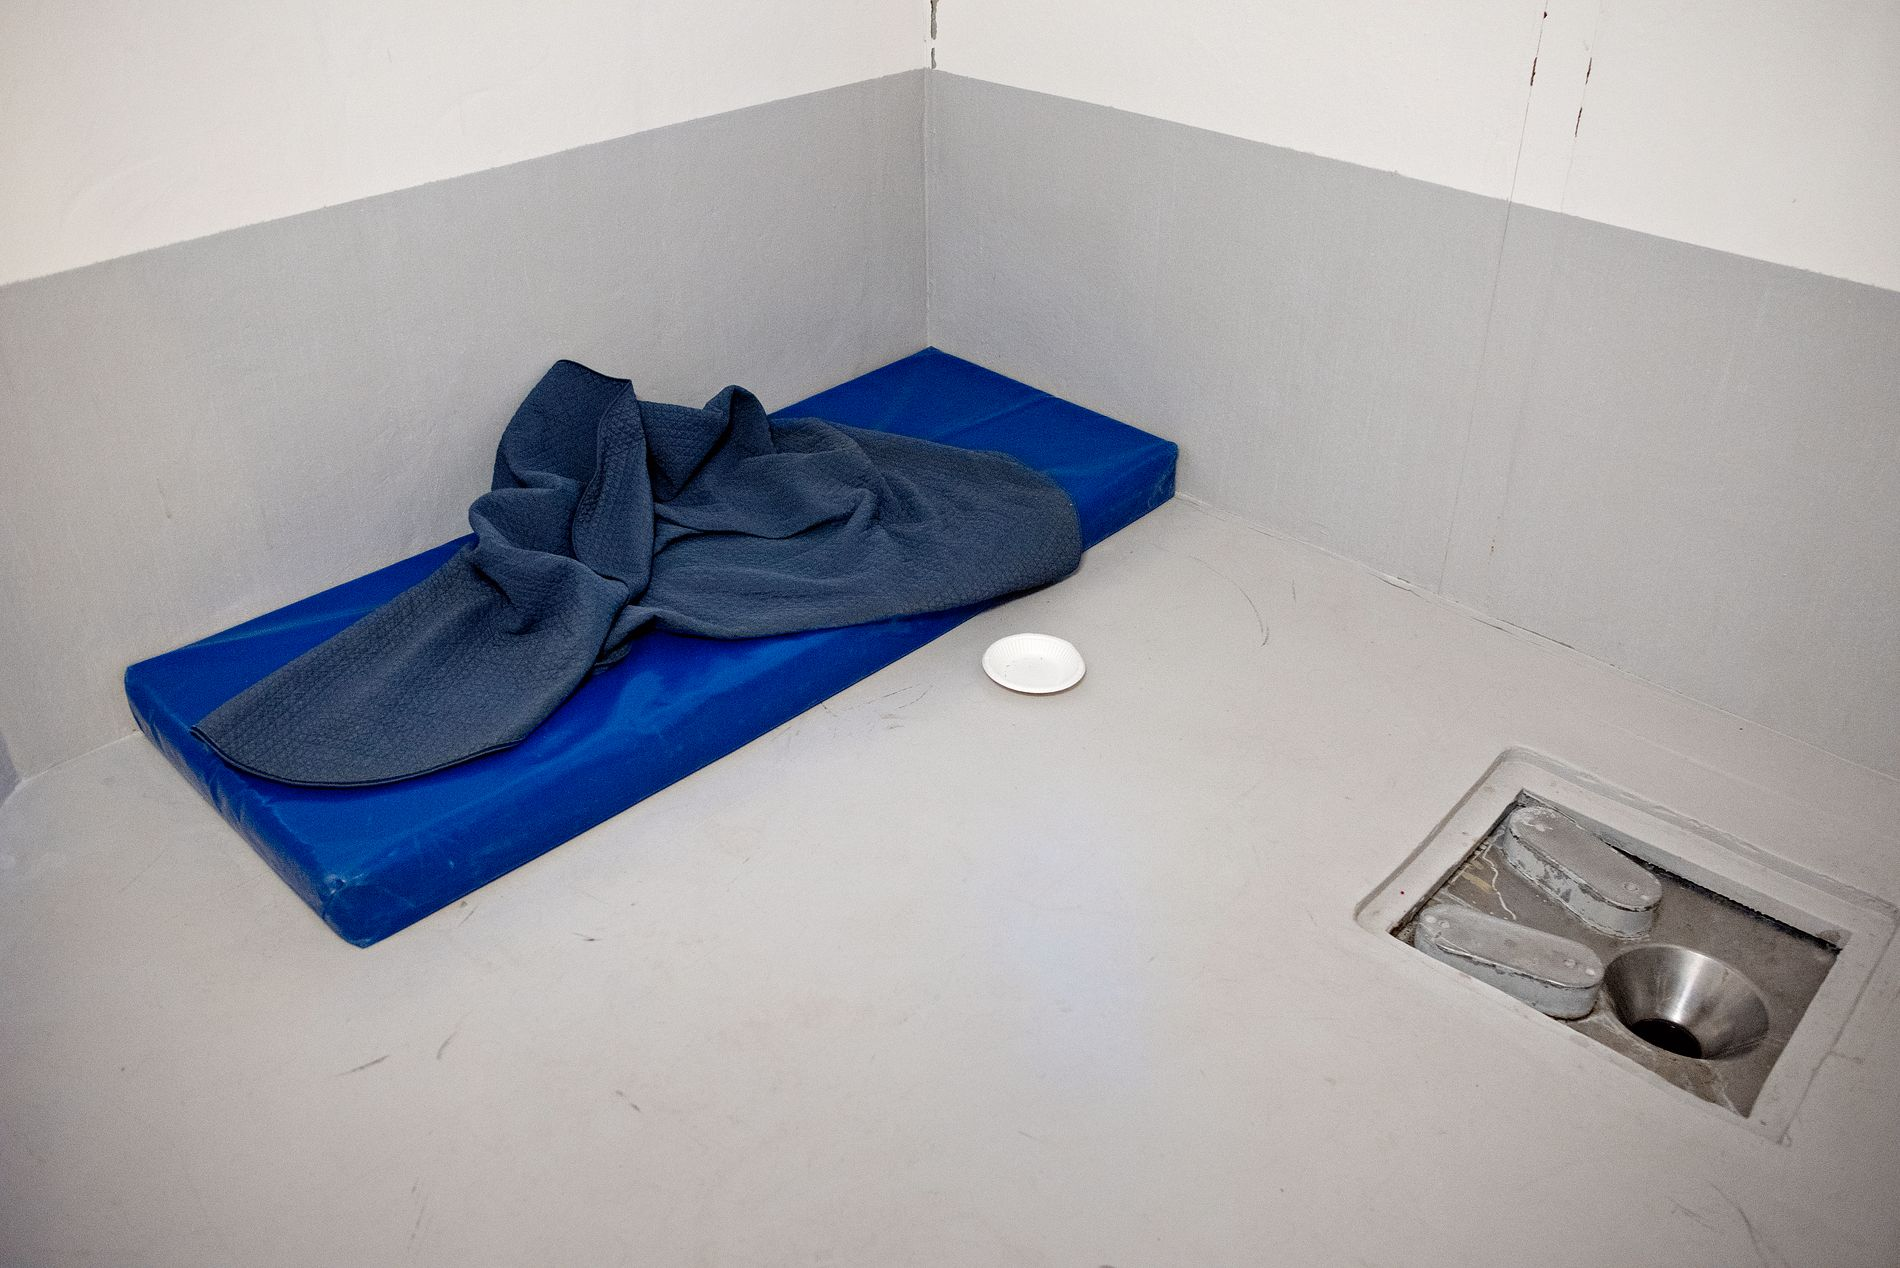 ISOLASJON: En glattcelle i fengsel skiller seg ikke vesentlig fra en glattcelle i en lukket psykiatrisk avdeling, verken med hensyn til utforming eller funksjon, skriver innsender.